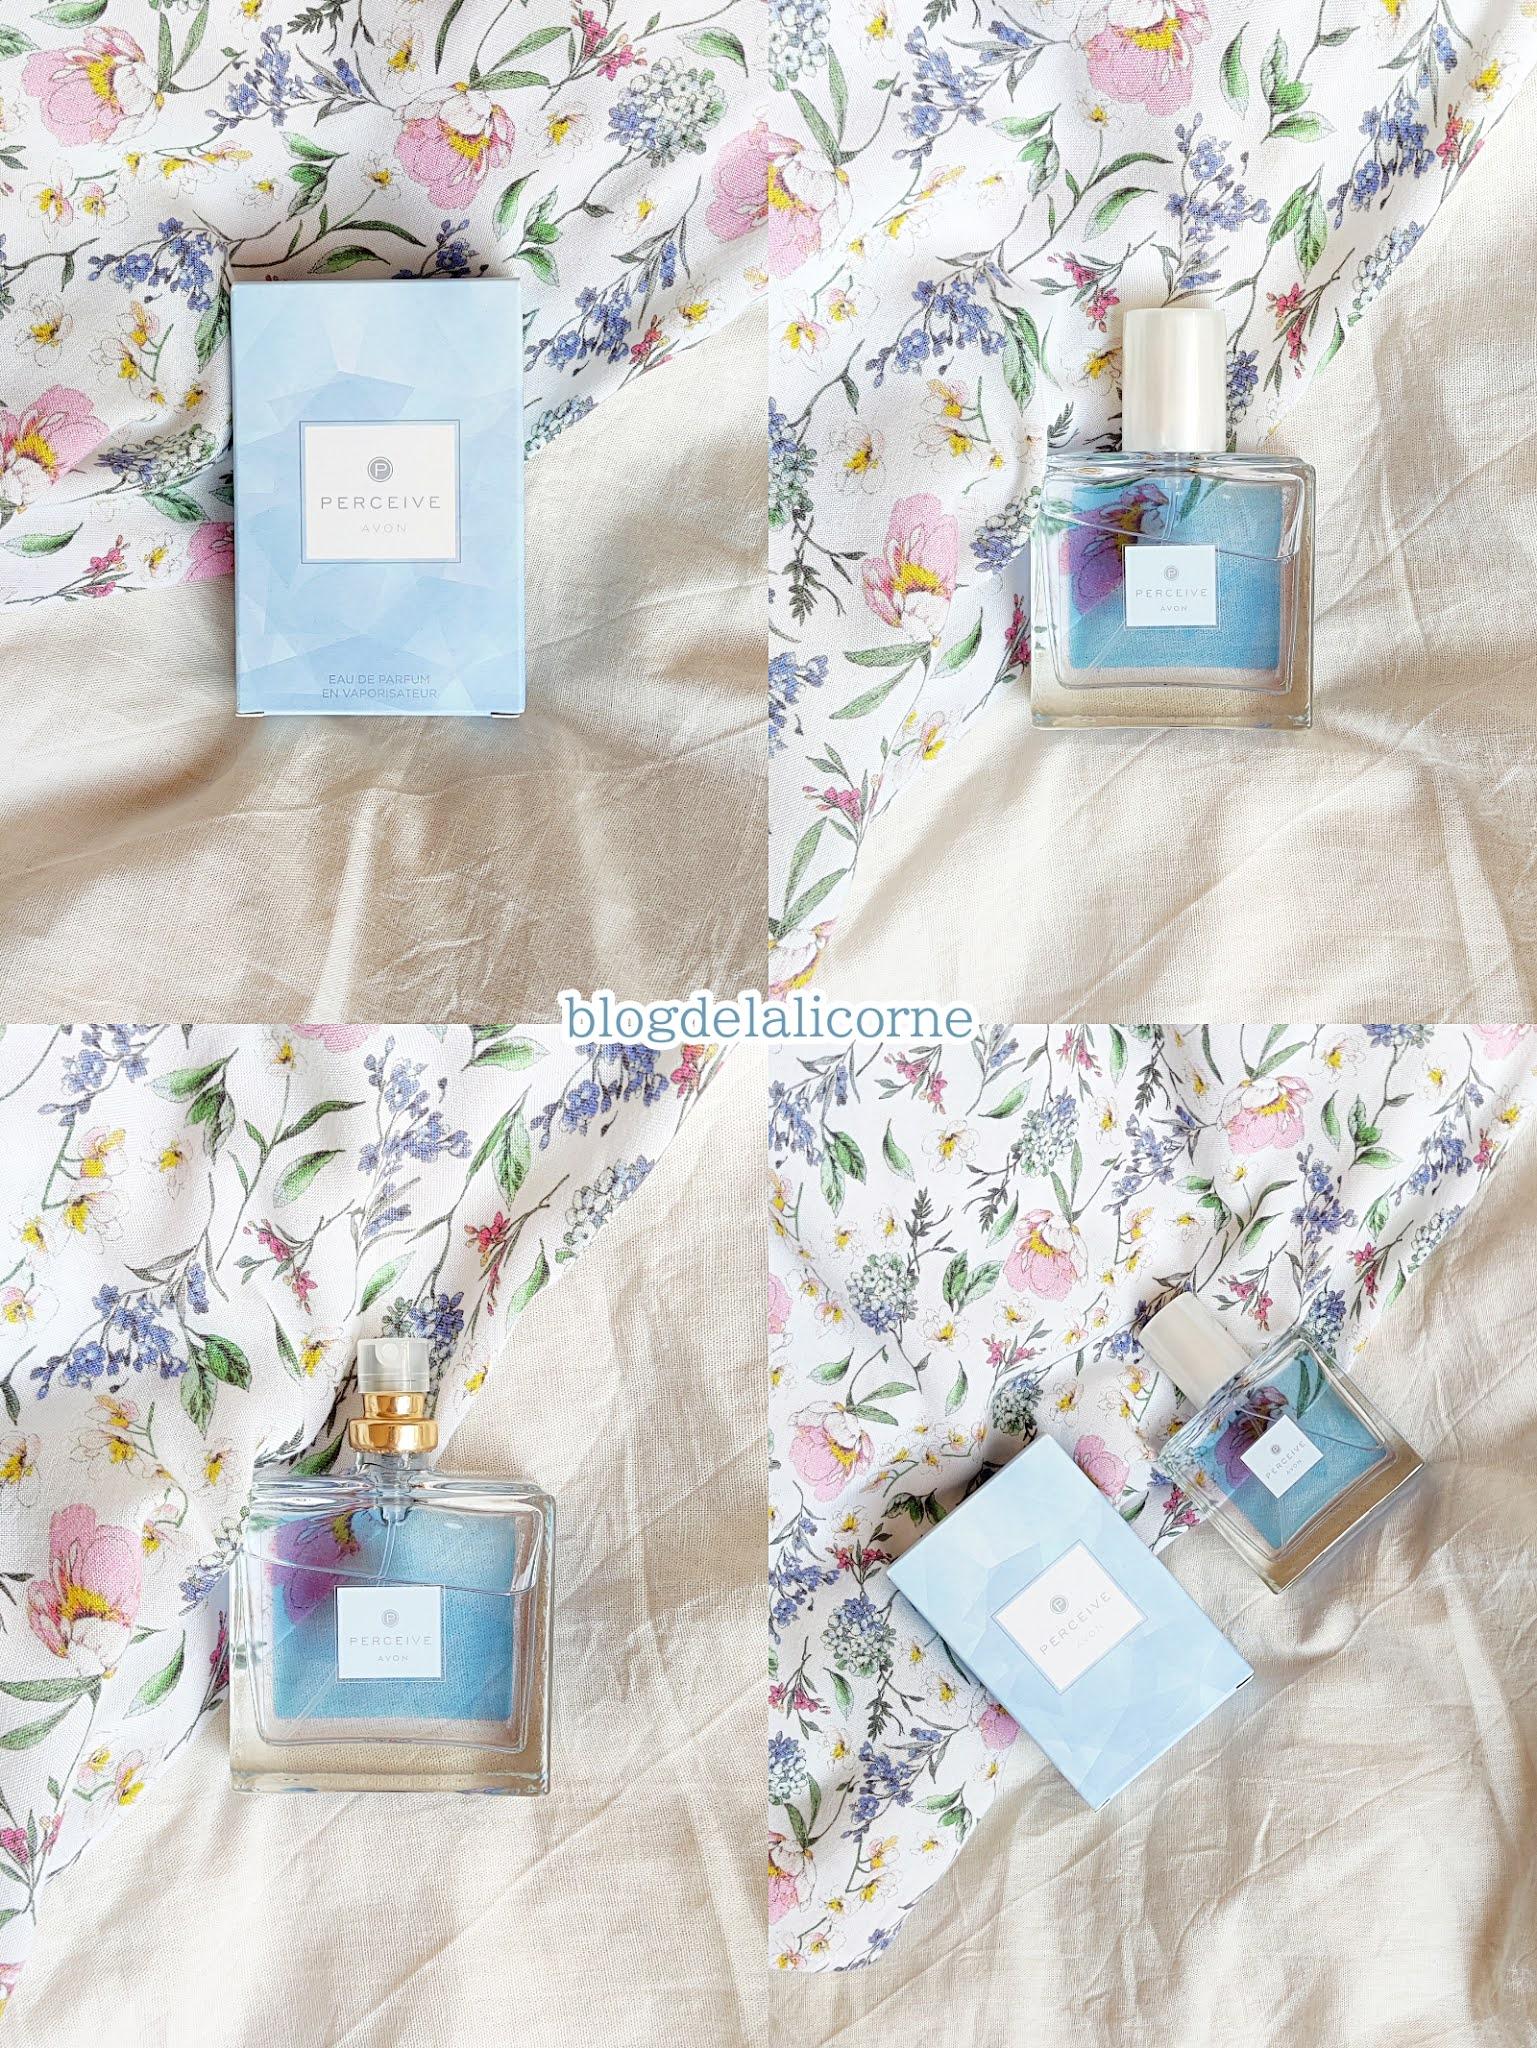 Avon Perceive parfumovaná voda recenzia